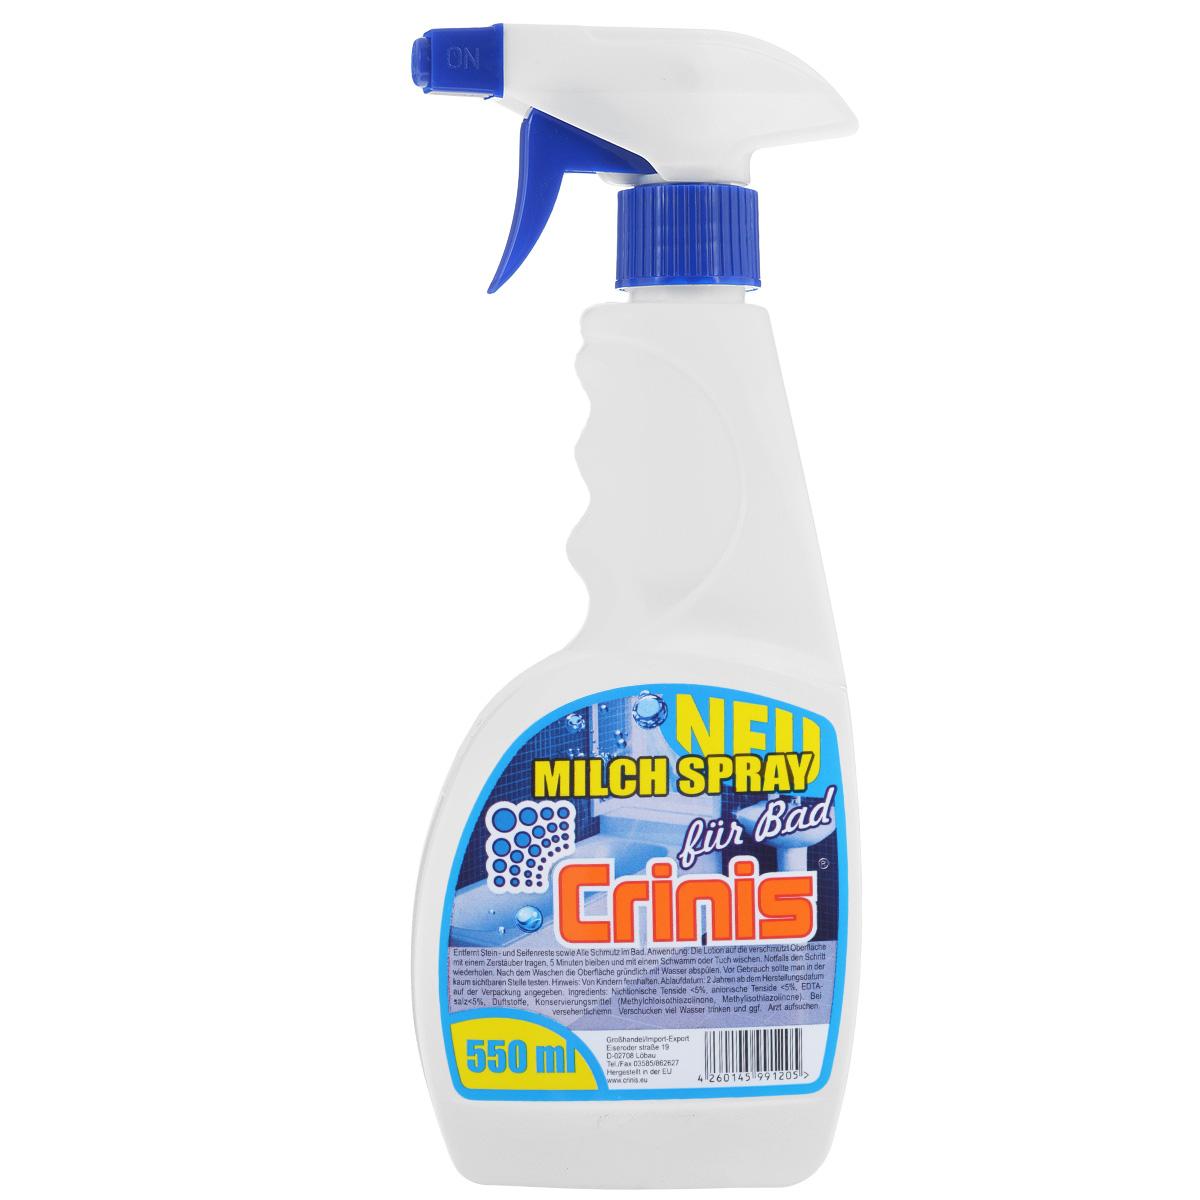 Очиститель для ванной комнаты Crinis Milch Spray Fur Bad, 550 млBC0550Спрей-очиститель Crinis Milch Spray Fur Bad безукоризненно удаляет остатки мыла и другие загрязнения в ванной комнате, благодаря активным ингредиентам, входящие в его состав. Очиститель прост в использовании и не требует много усилий для очистки. Благодаря современной формуле поверхность остается чистой и блестящей. Состав: неионные поверхностно-активные вещества менее 5%, анионные ПАВ менее 5%, духи, консерванты (Methylchloroisothiazolinone, метилизотиазолинон). Товар сертифицирован.